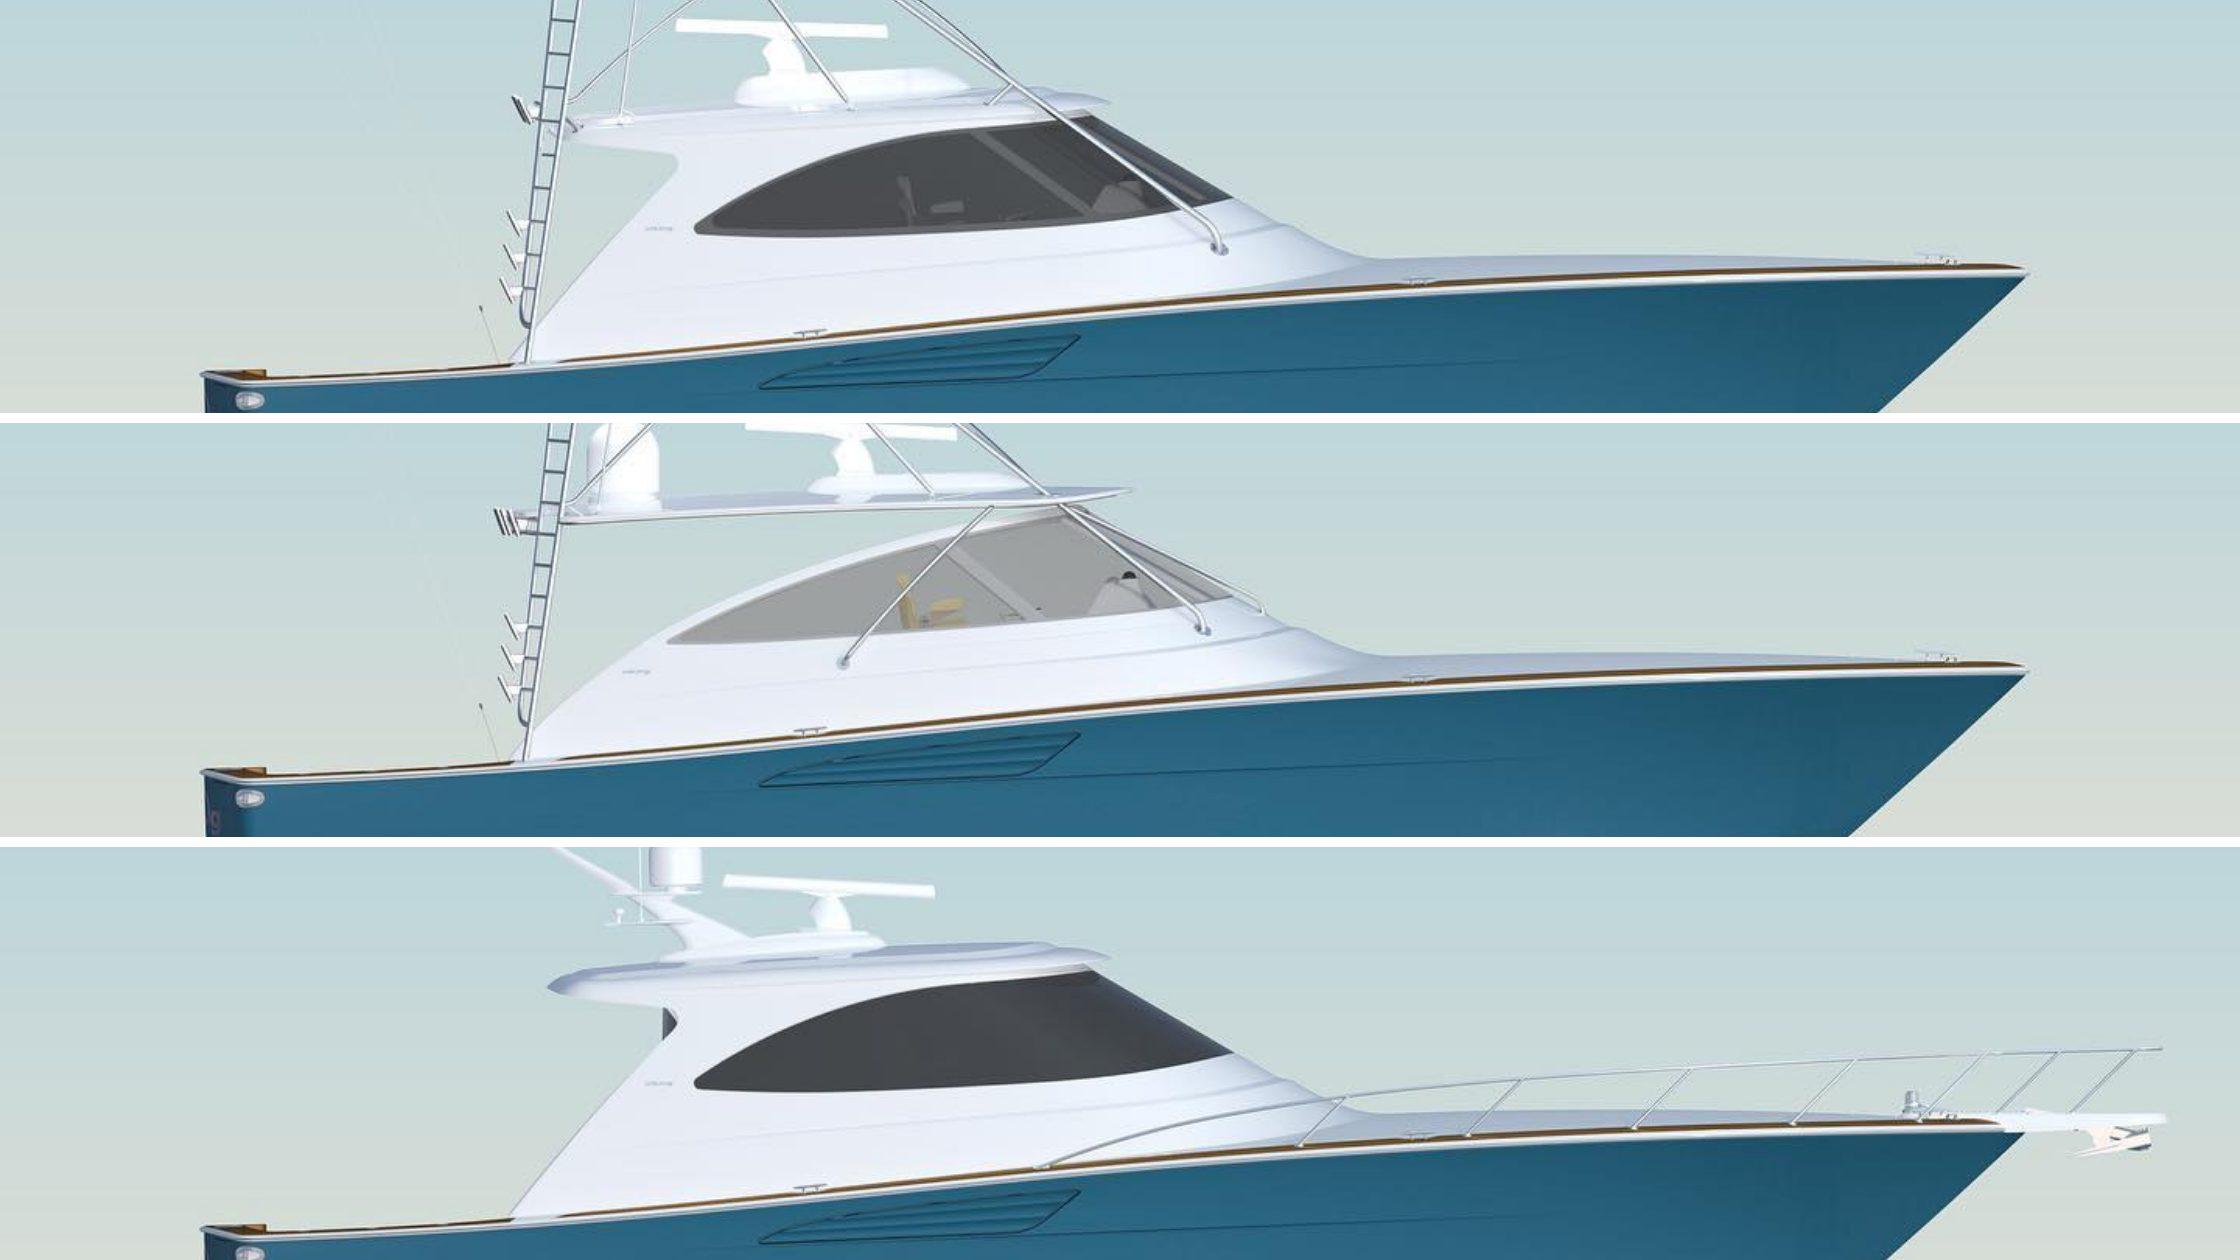 Three New Viking Yachts 54′ Models